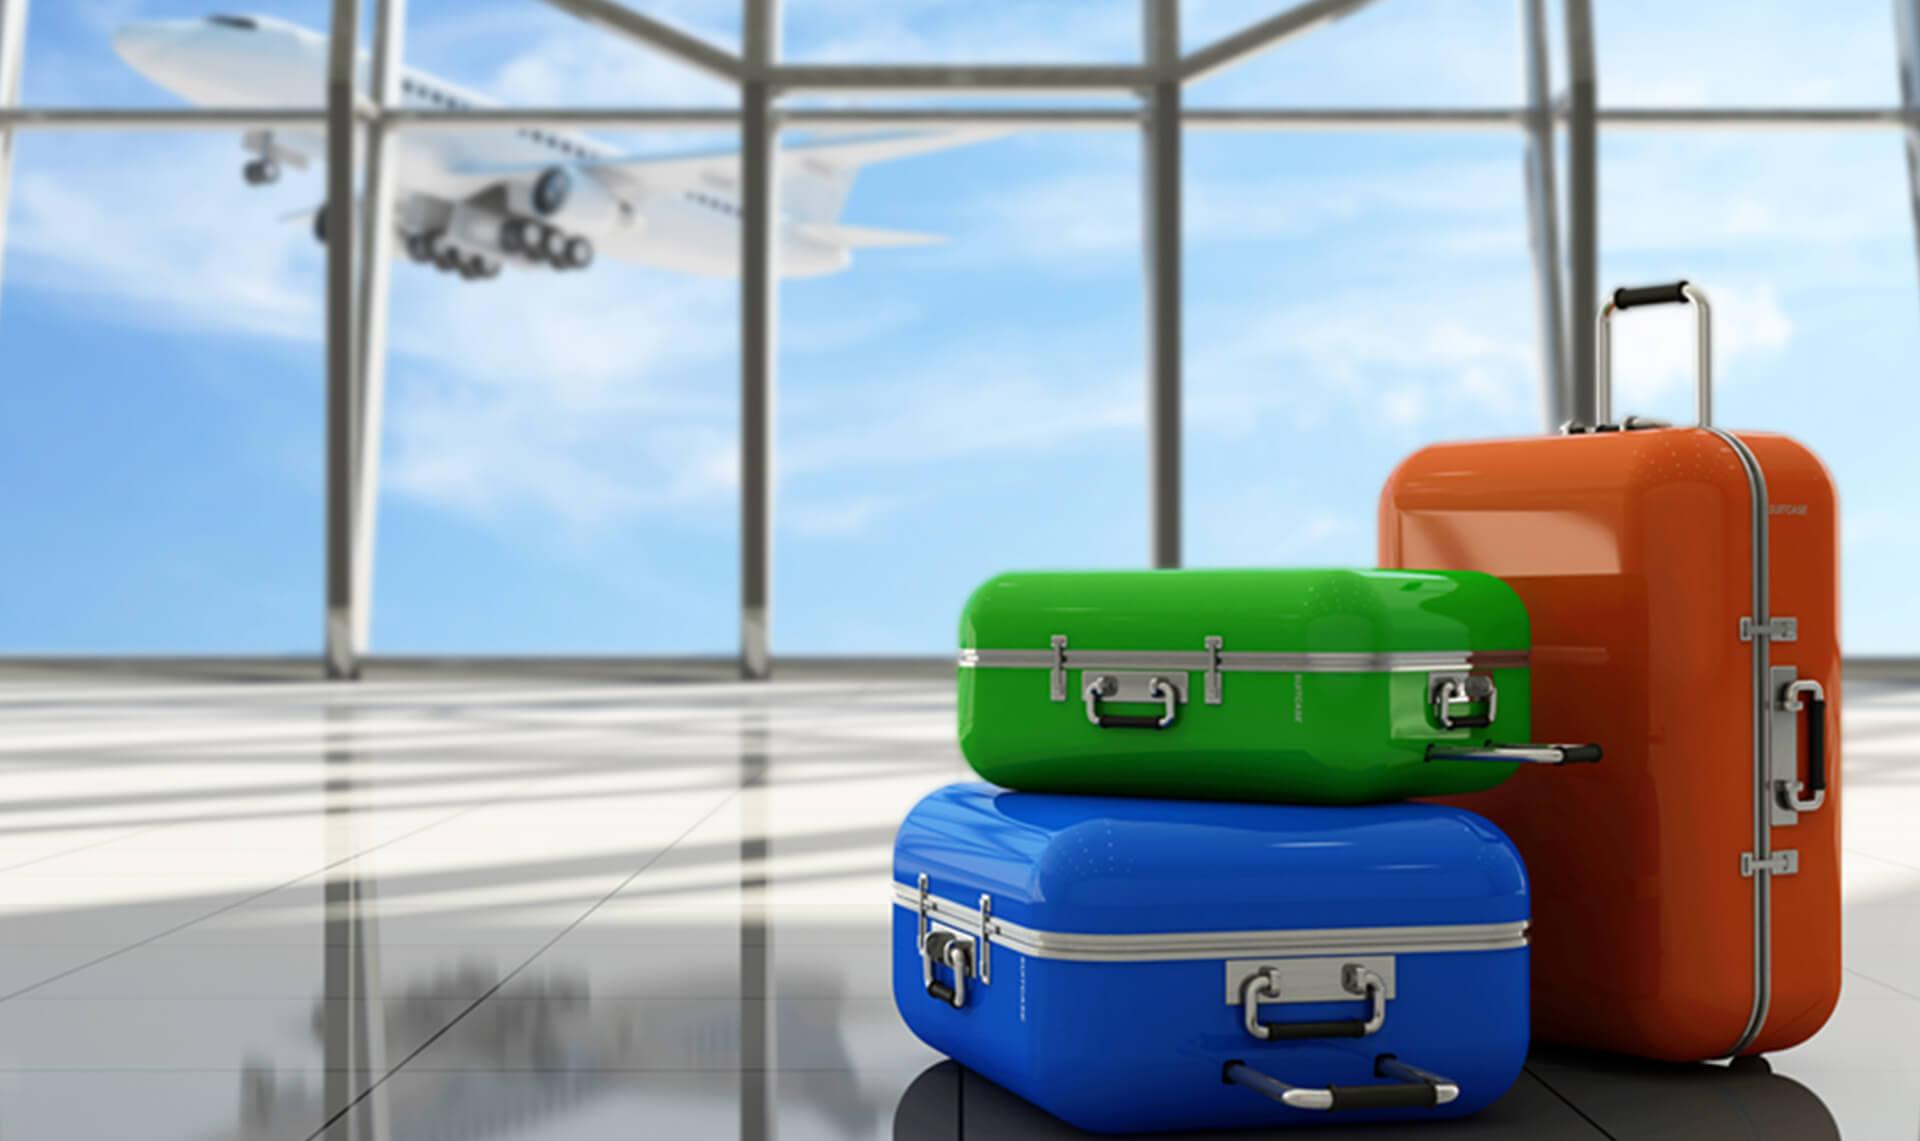 Как купить авиабилет и не потерять багаж: советы экспертов